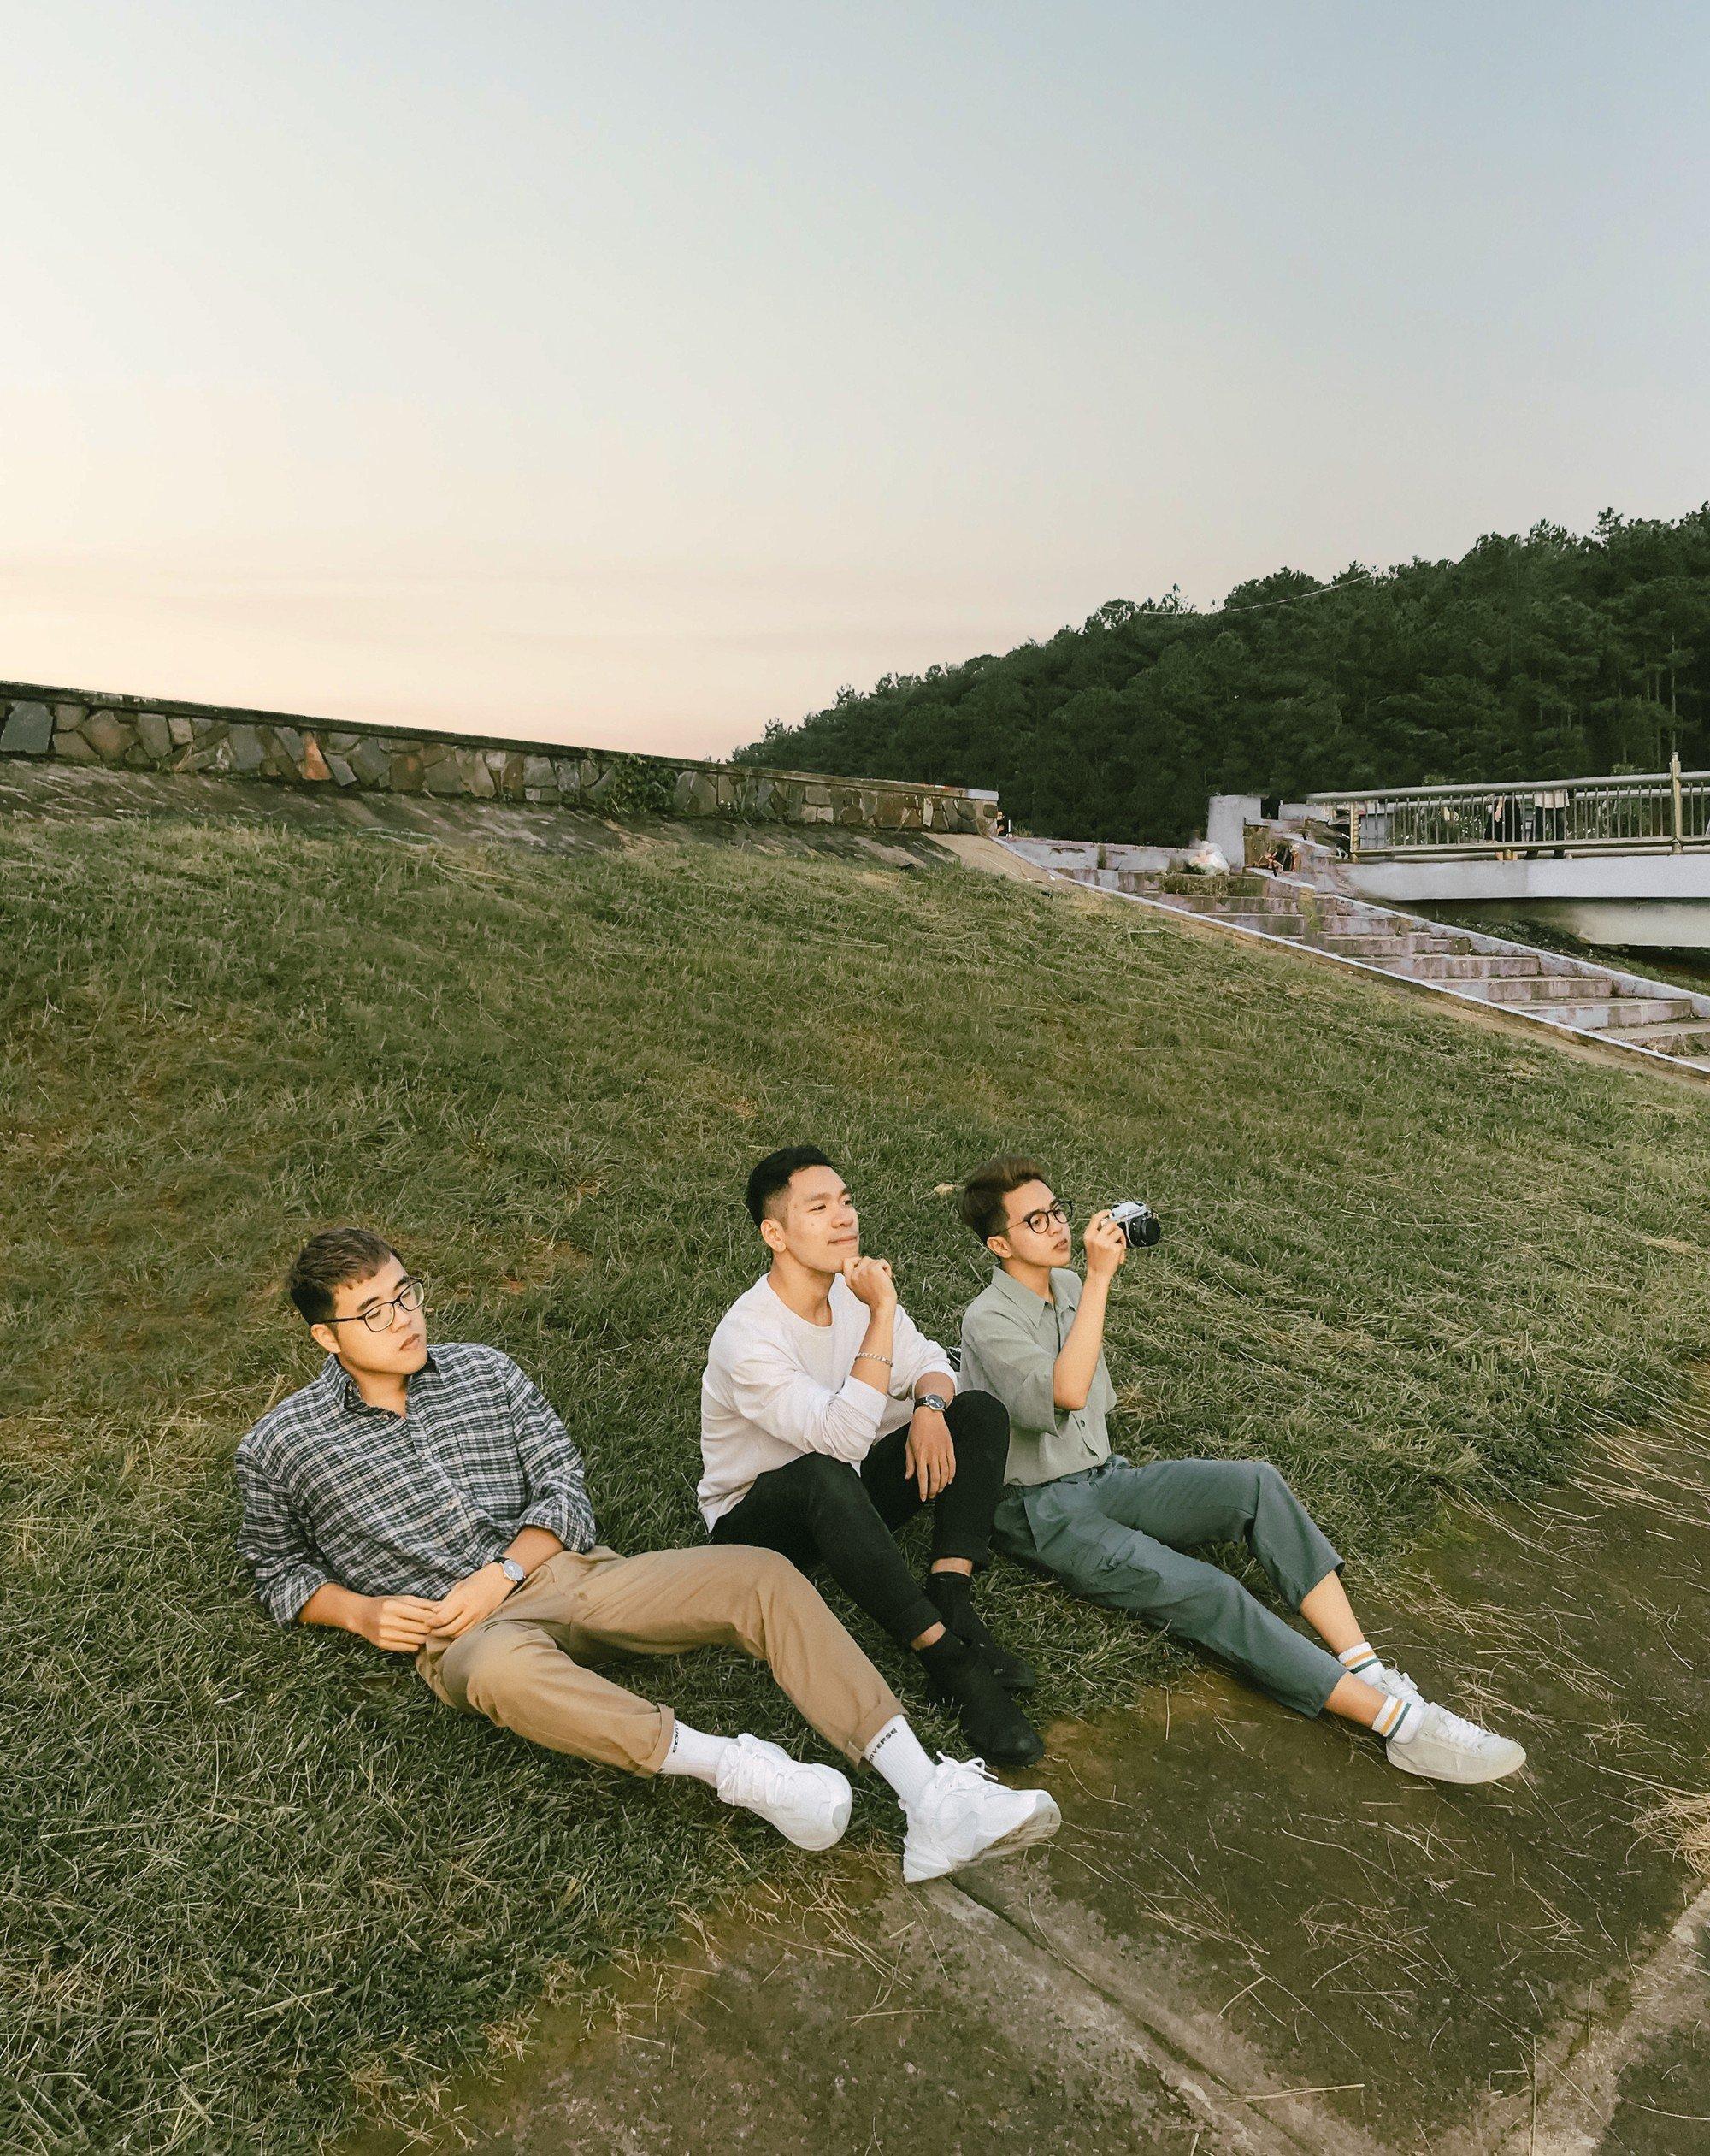 Hội bạn thân 3 miền Bắc - Trung - Nam rủ nhau lên Đà Lạt, chụp ảnh nhóm xuất sắc như bìa tạp chí 5